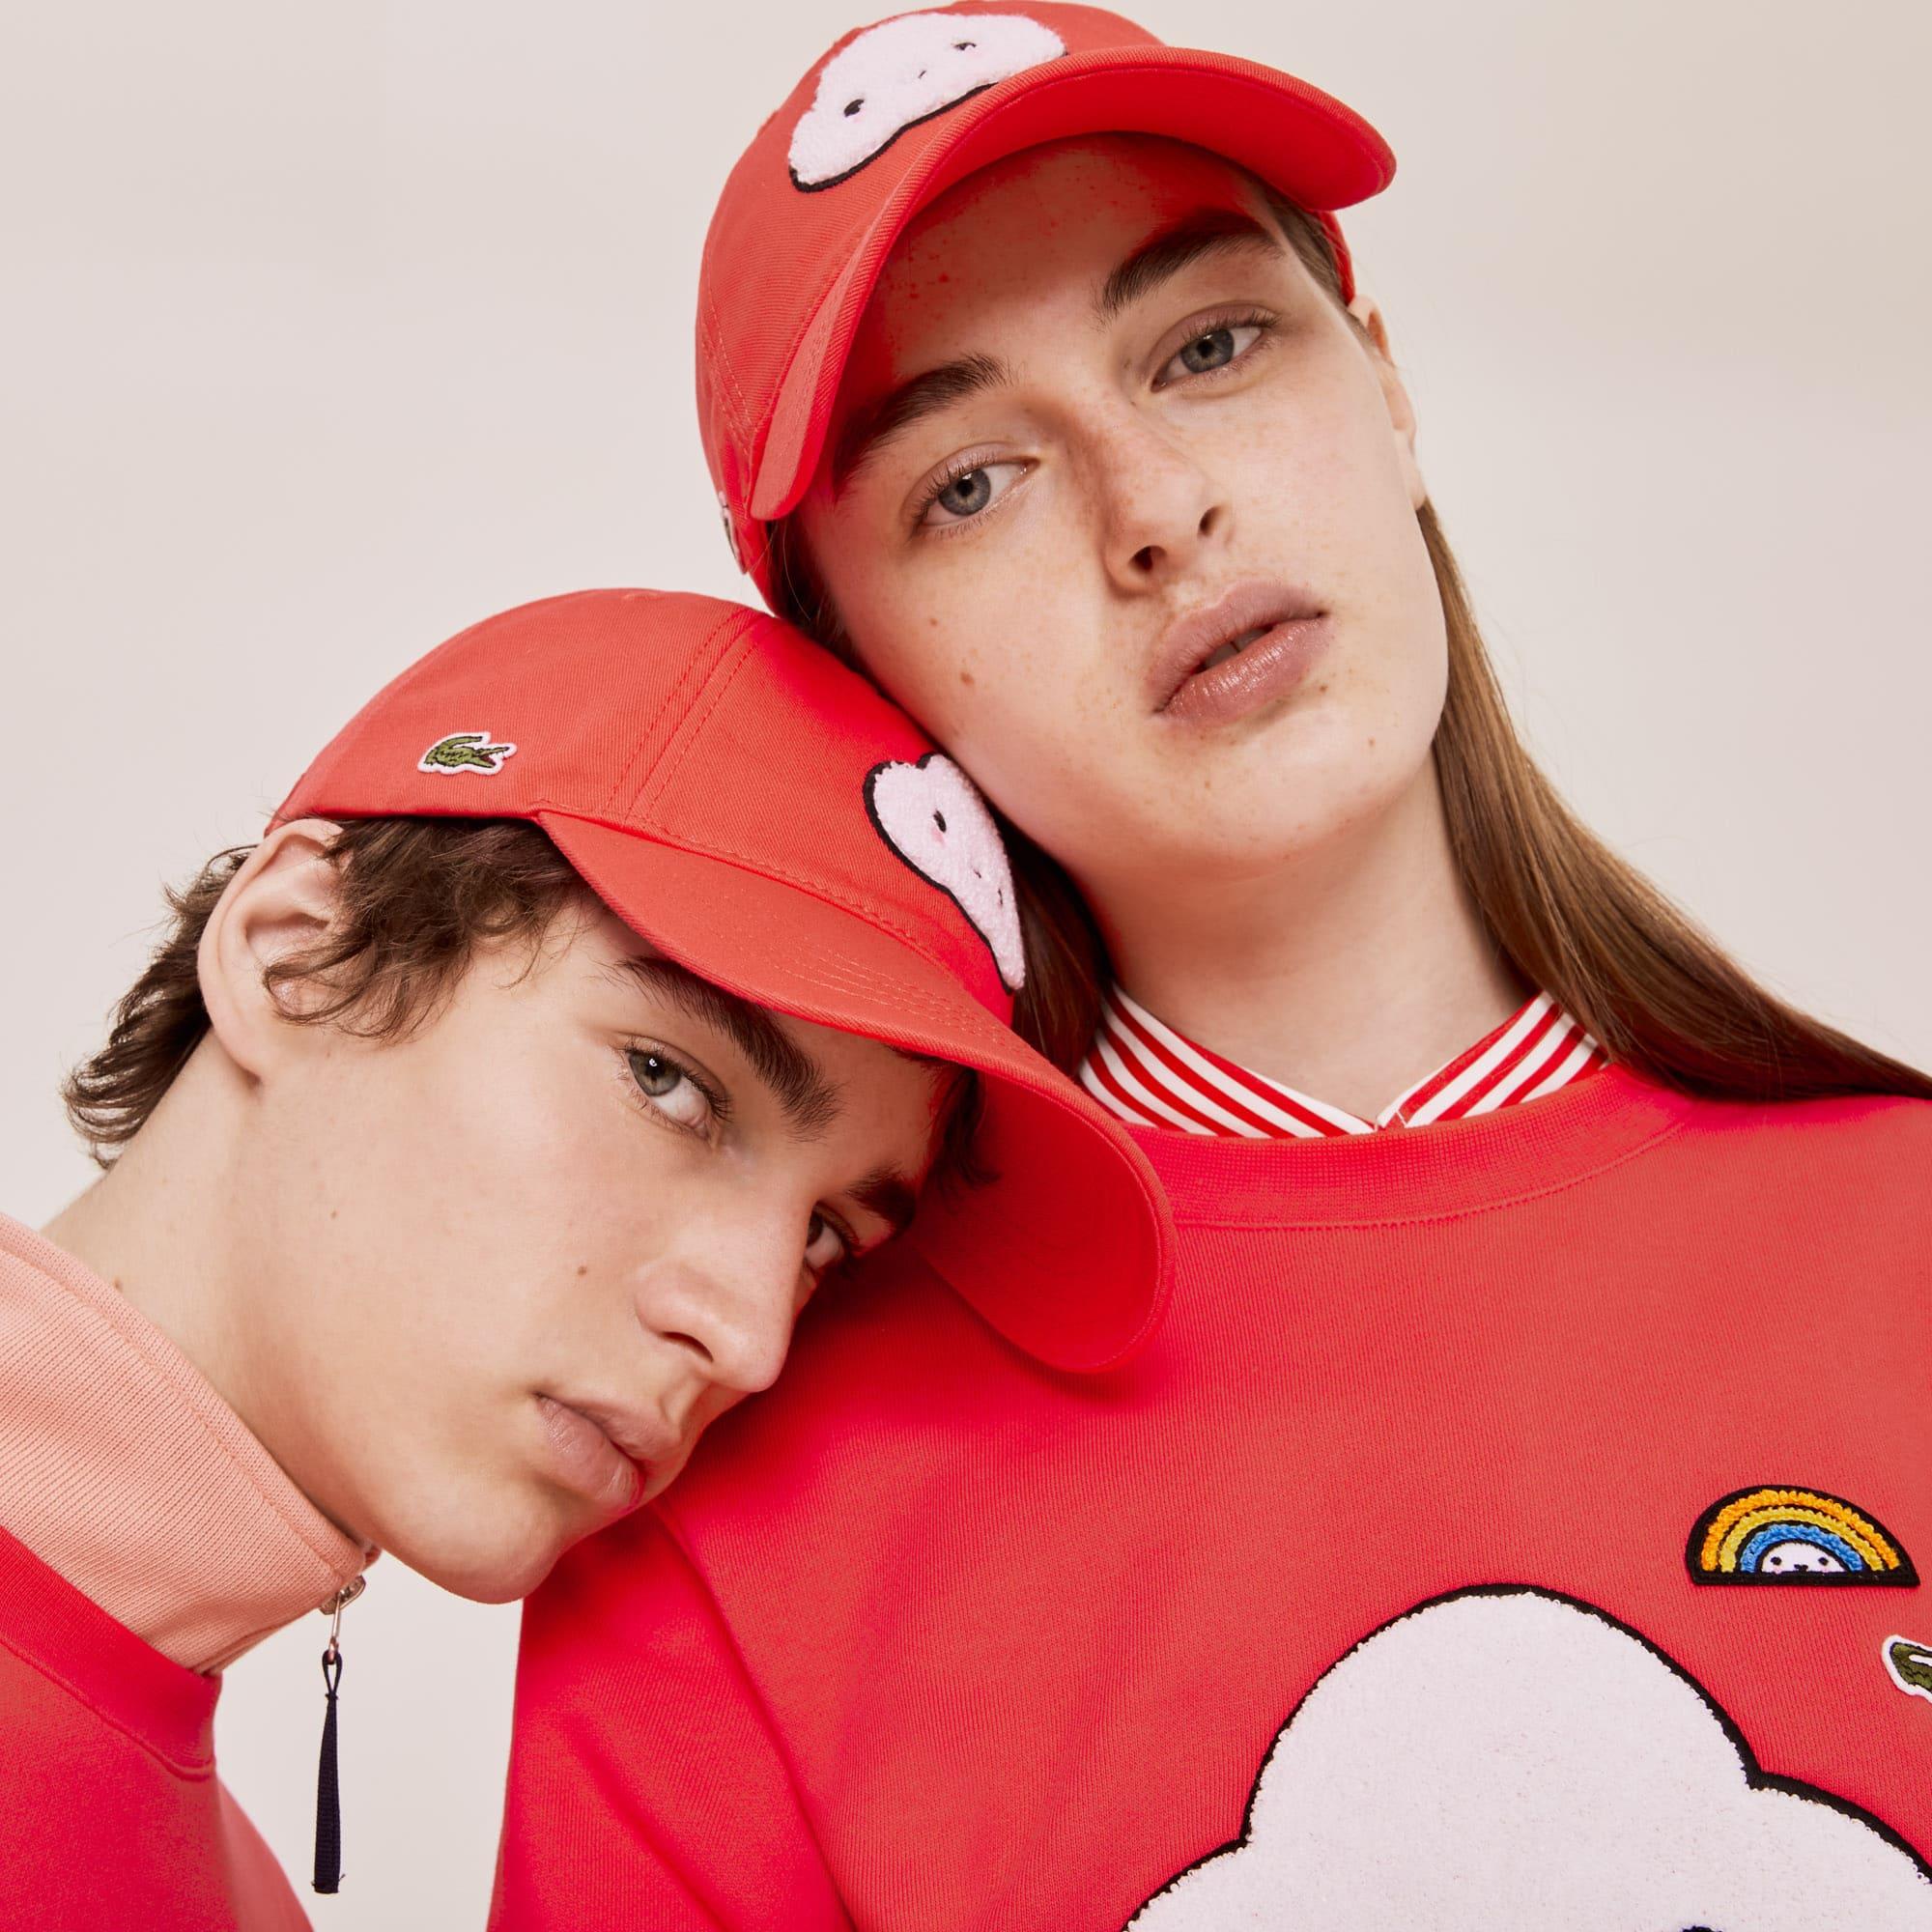 라코스테 x 프렌즈 위드유 콜라보 모자 Lacoste x FriendsWithYou Cotton Print Cap,Red - 4BY